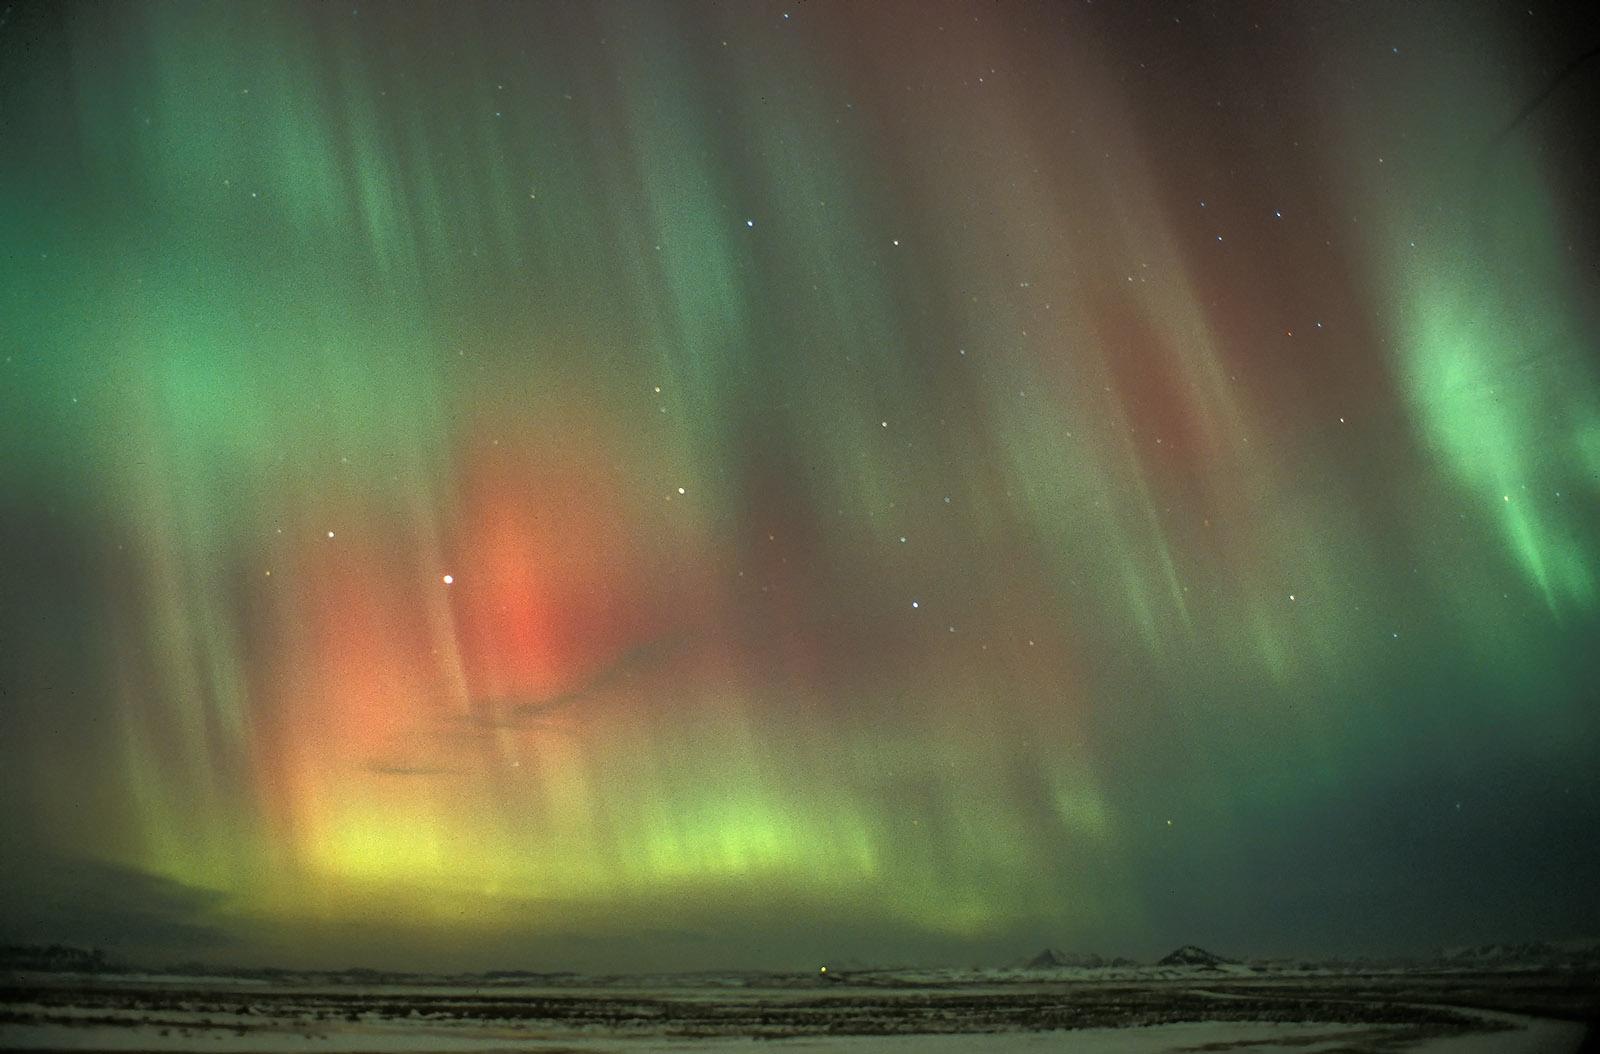 foto: Jan Duker | Noorderlicht op IJsland rond middernacht. 24MM, diafragma F2.8, sluitertijd 40 seconden, ISO 200, statief (Analoge opname)